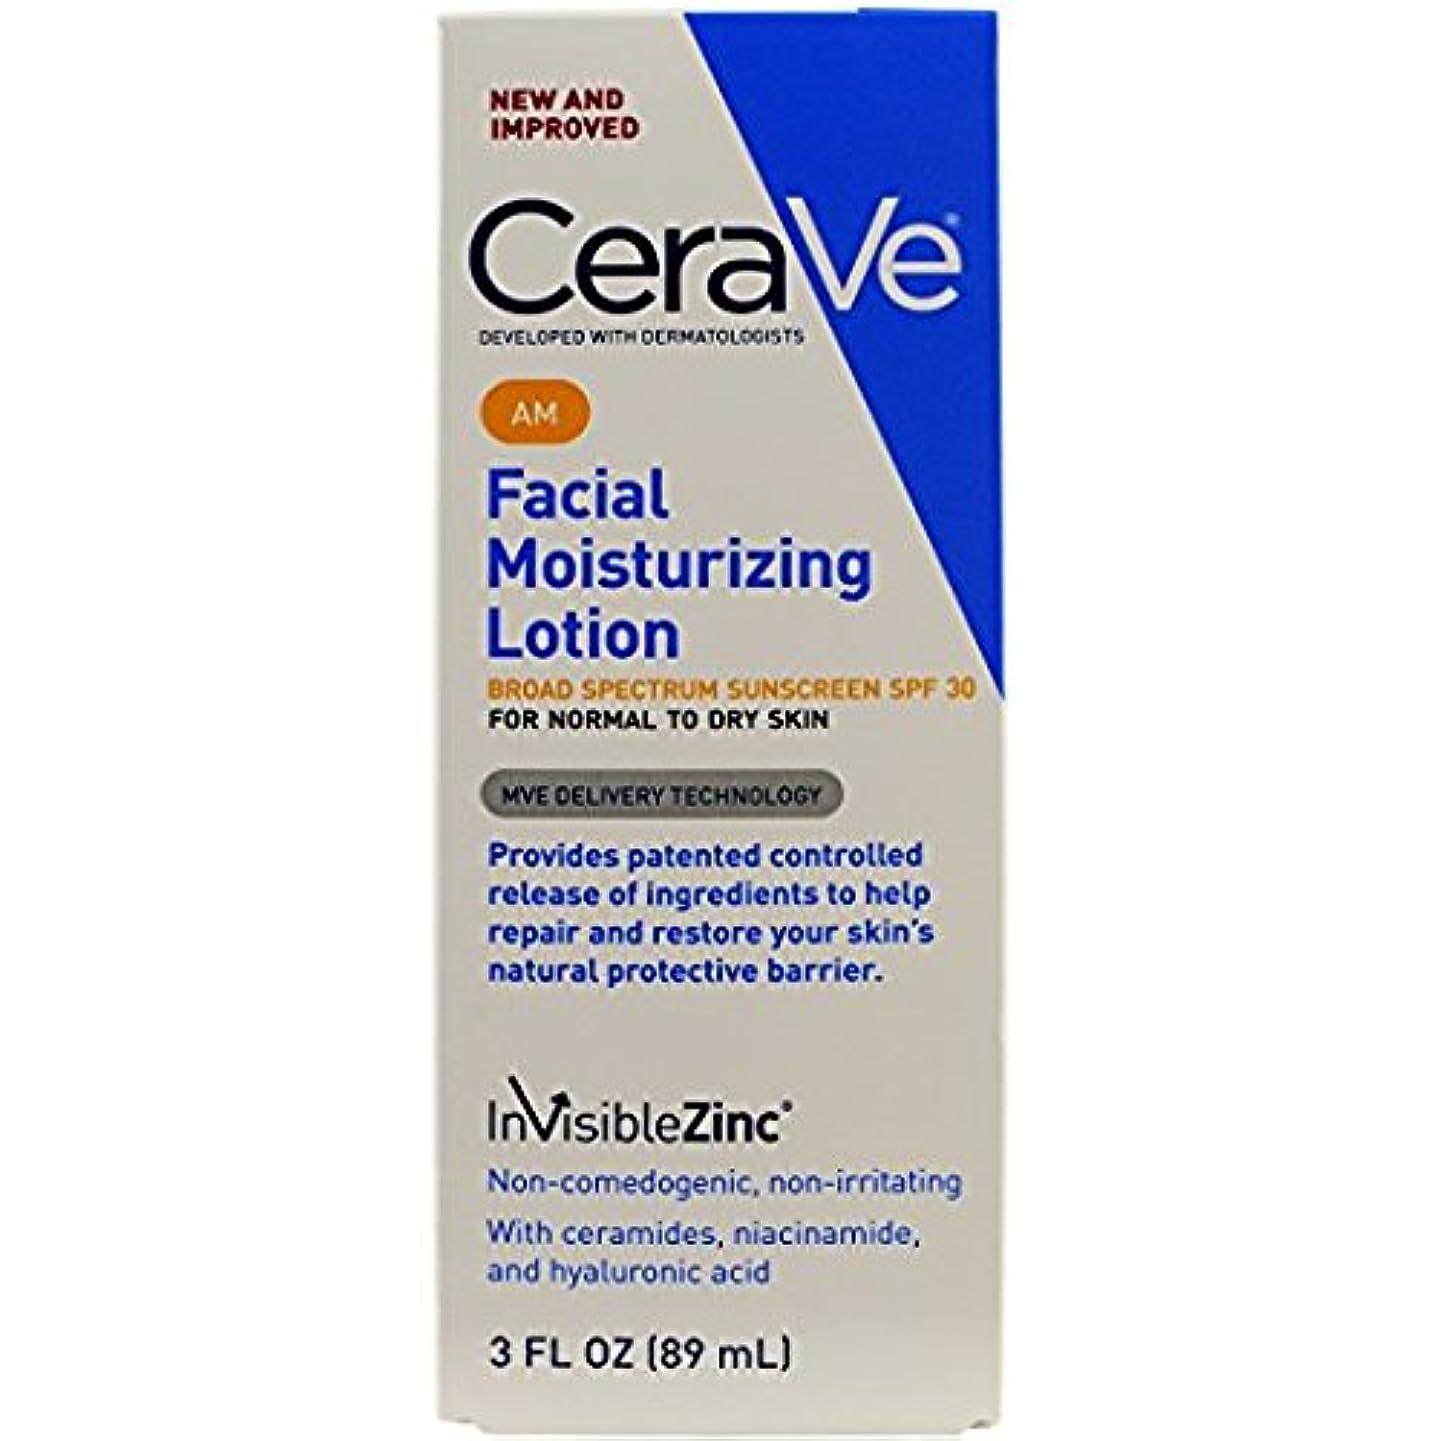 テレマコス健全海上CeraVe モイスチャライザーAM(SPF30) - Moisturizing Facial Lotion AM, SPF 30 (89ml) (海外直送品) [並行輸入品]